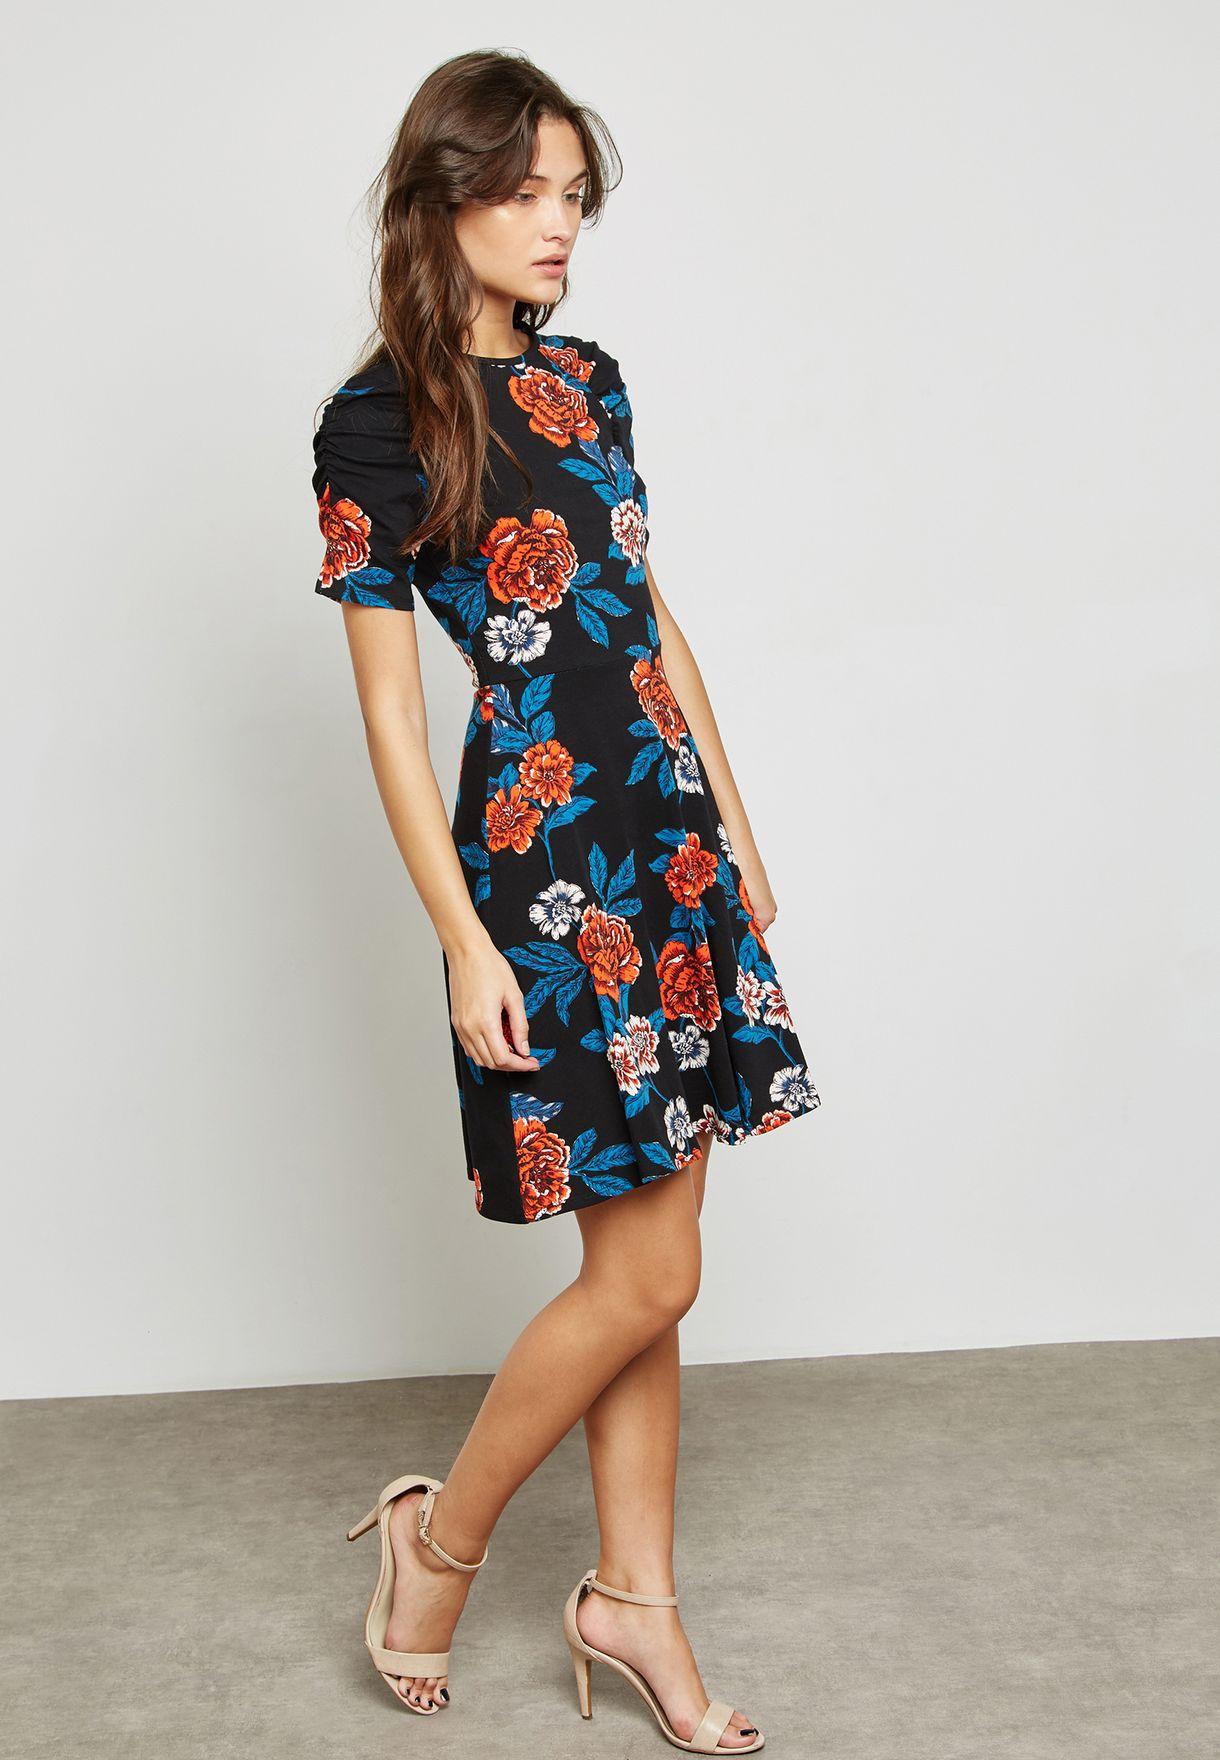 Floral Print Ruched Sleeve Skater Dress